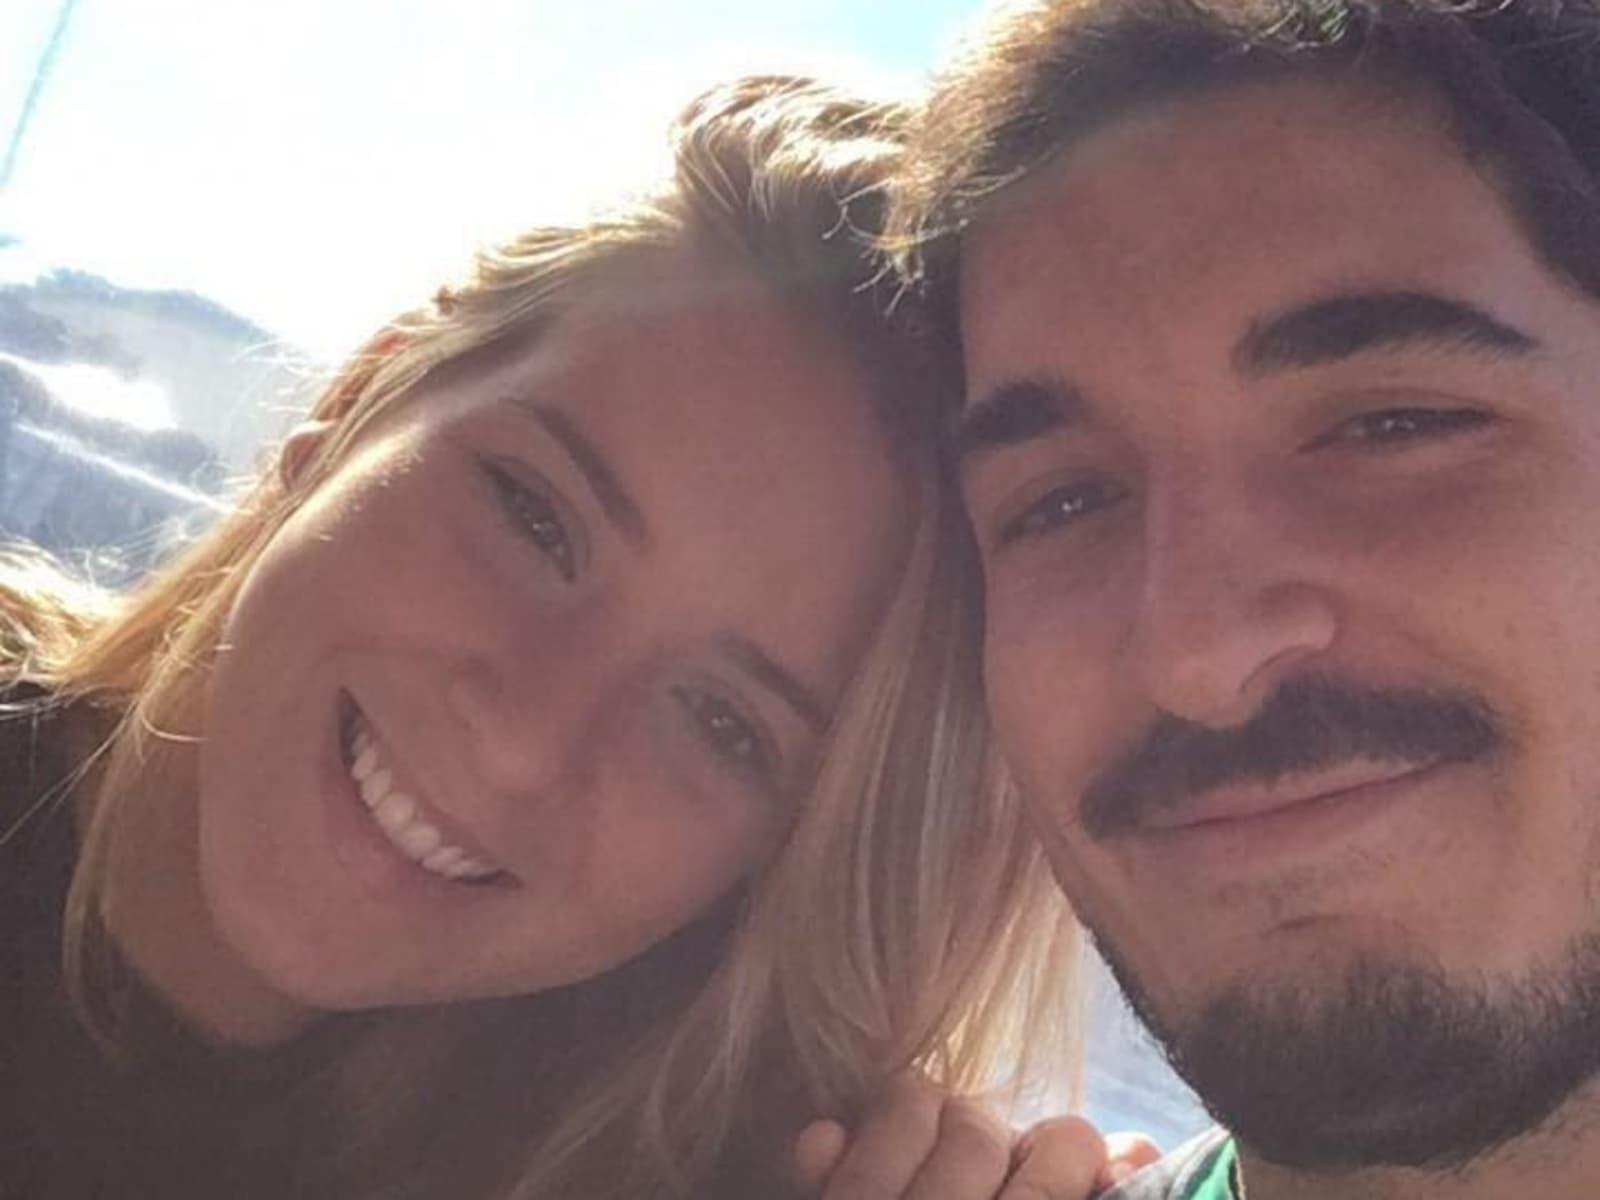 Marcelo & Rafaela from Rio de Janeiro, Brazil